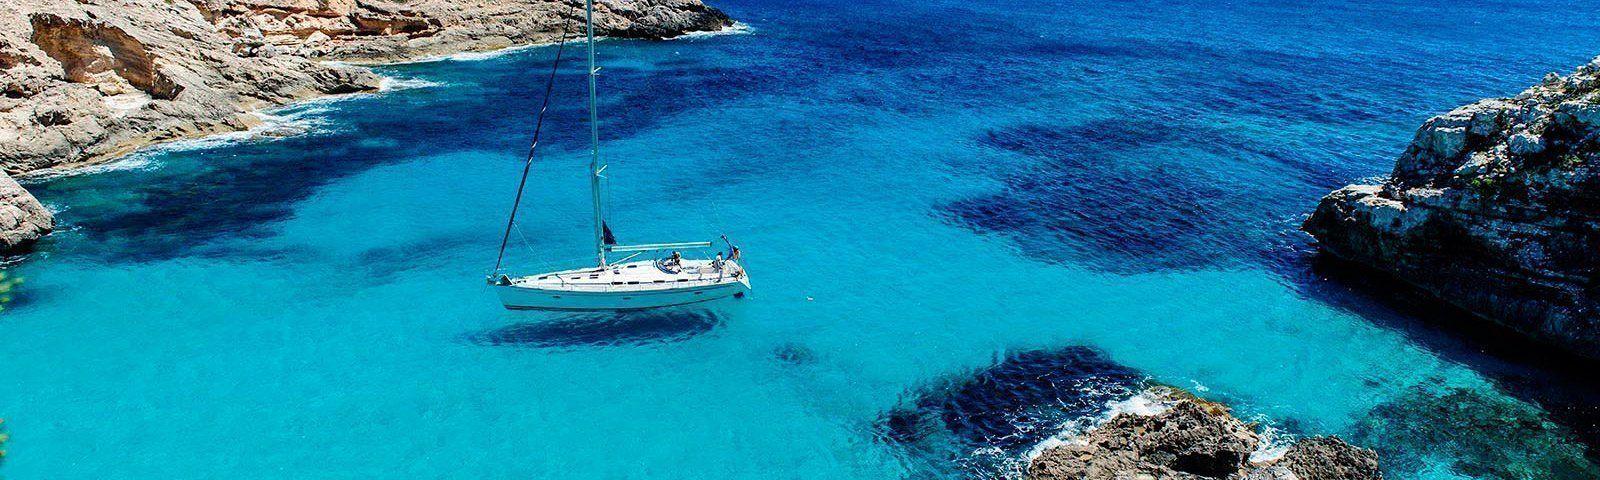 vacaciones-islas-baleares-velero-cala-marmolis